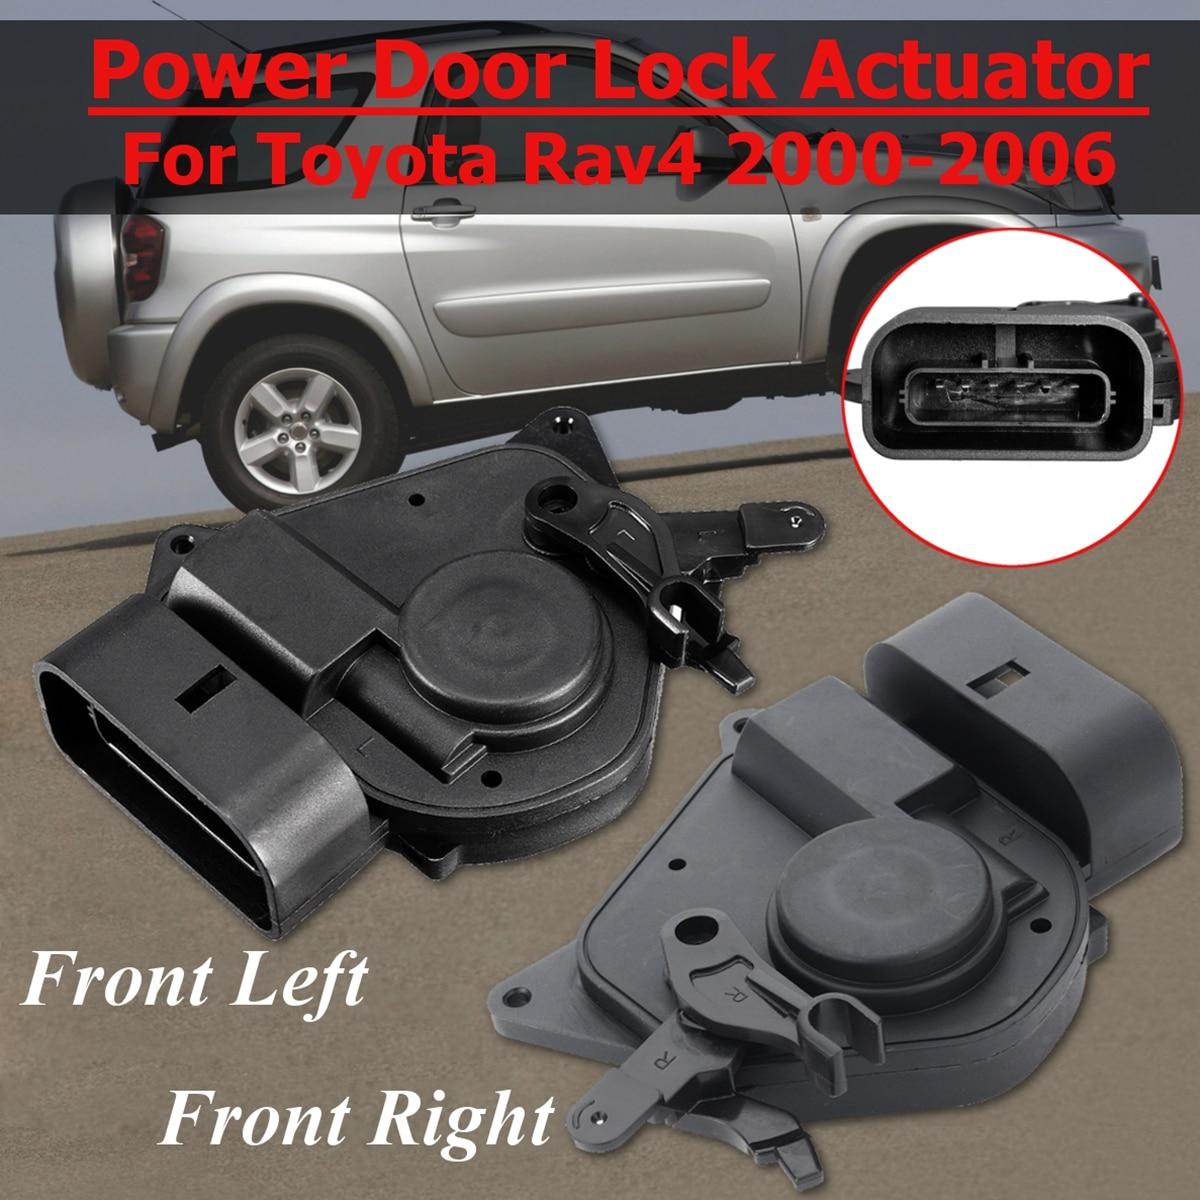 Carros frente esquerda e direita para toyota rav4, para modelos toyota rav4 2000 - 2006 6912042080 6911042120 69110-42120 746-603 atuador da fechadura da porta